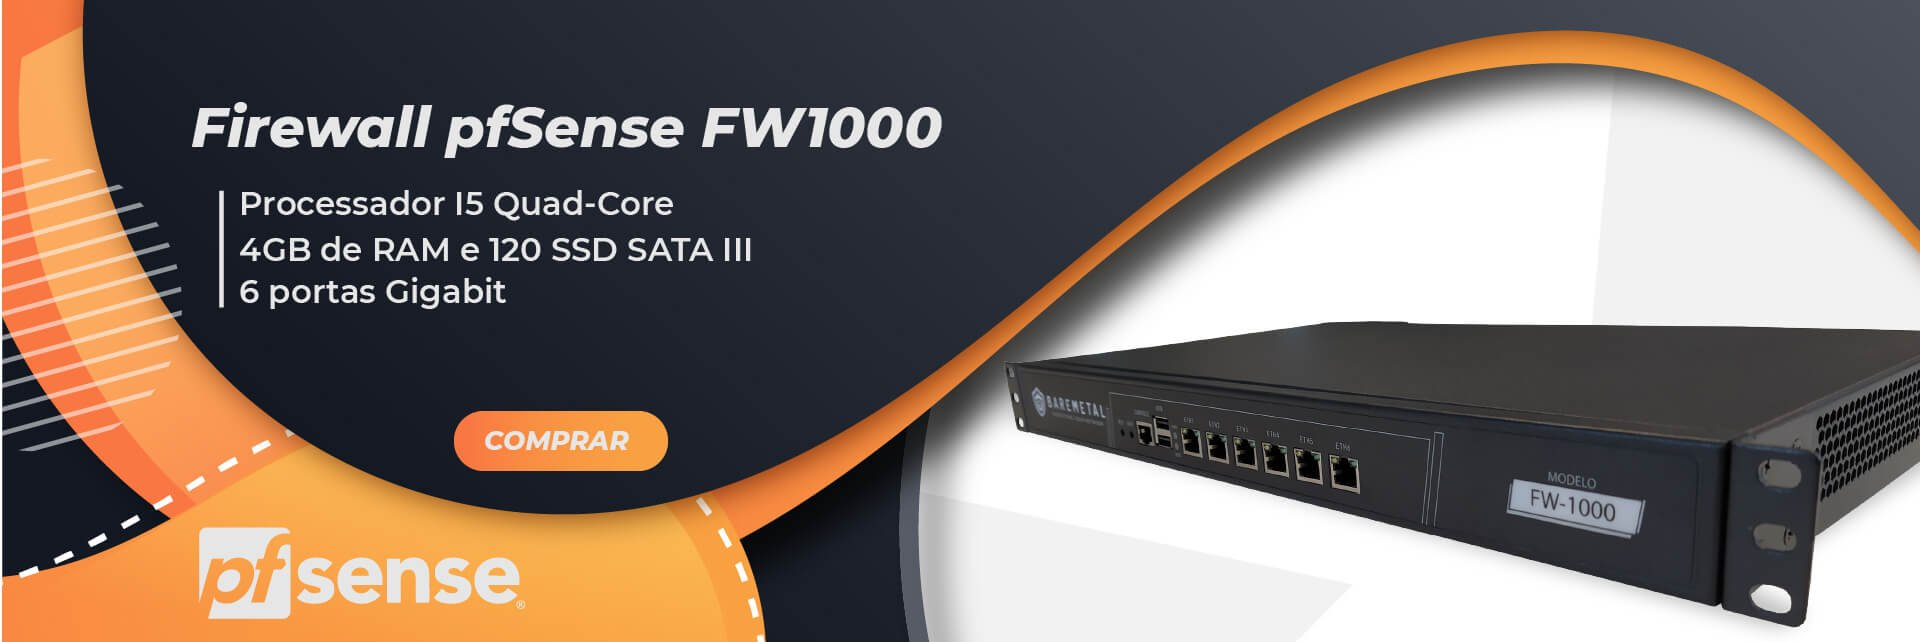 firewall-FW1000